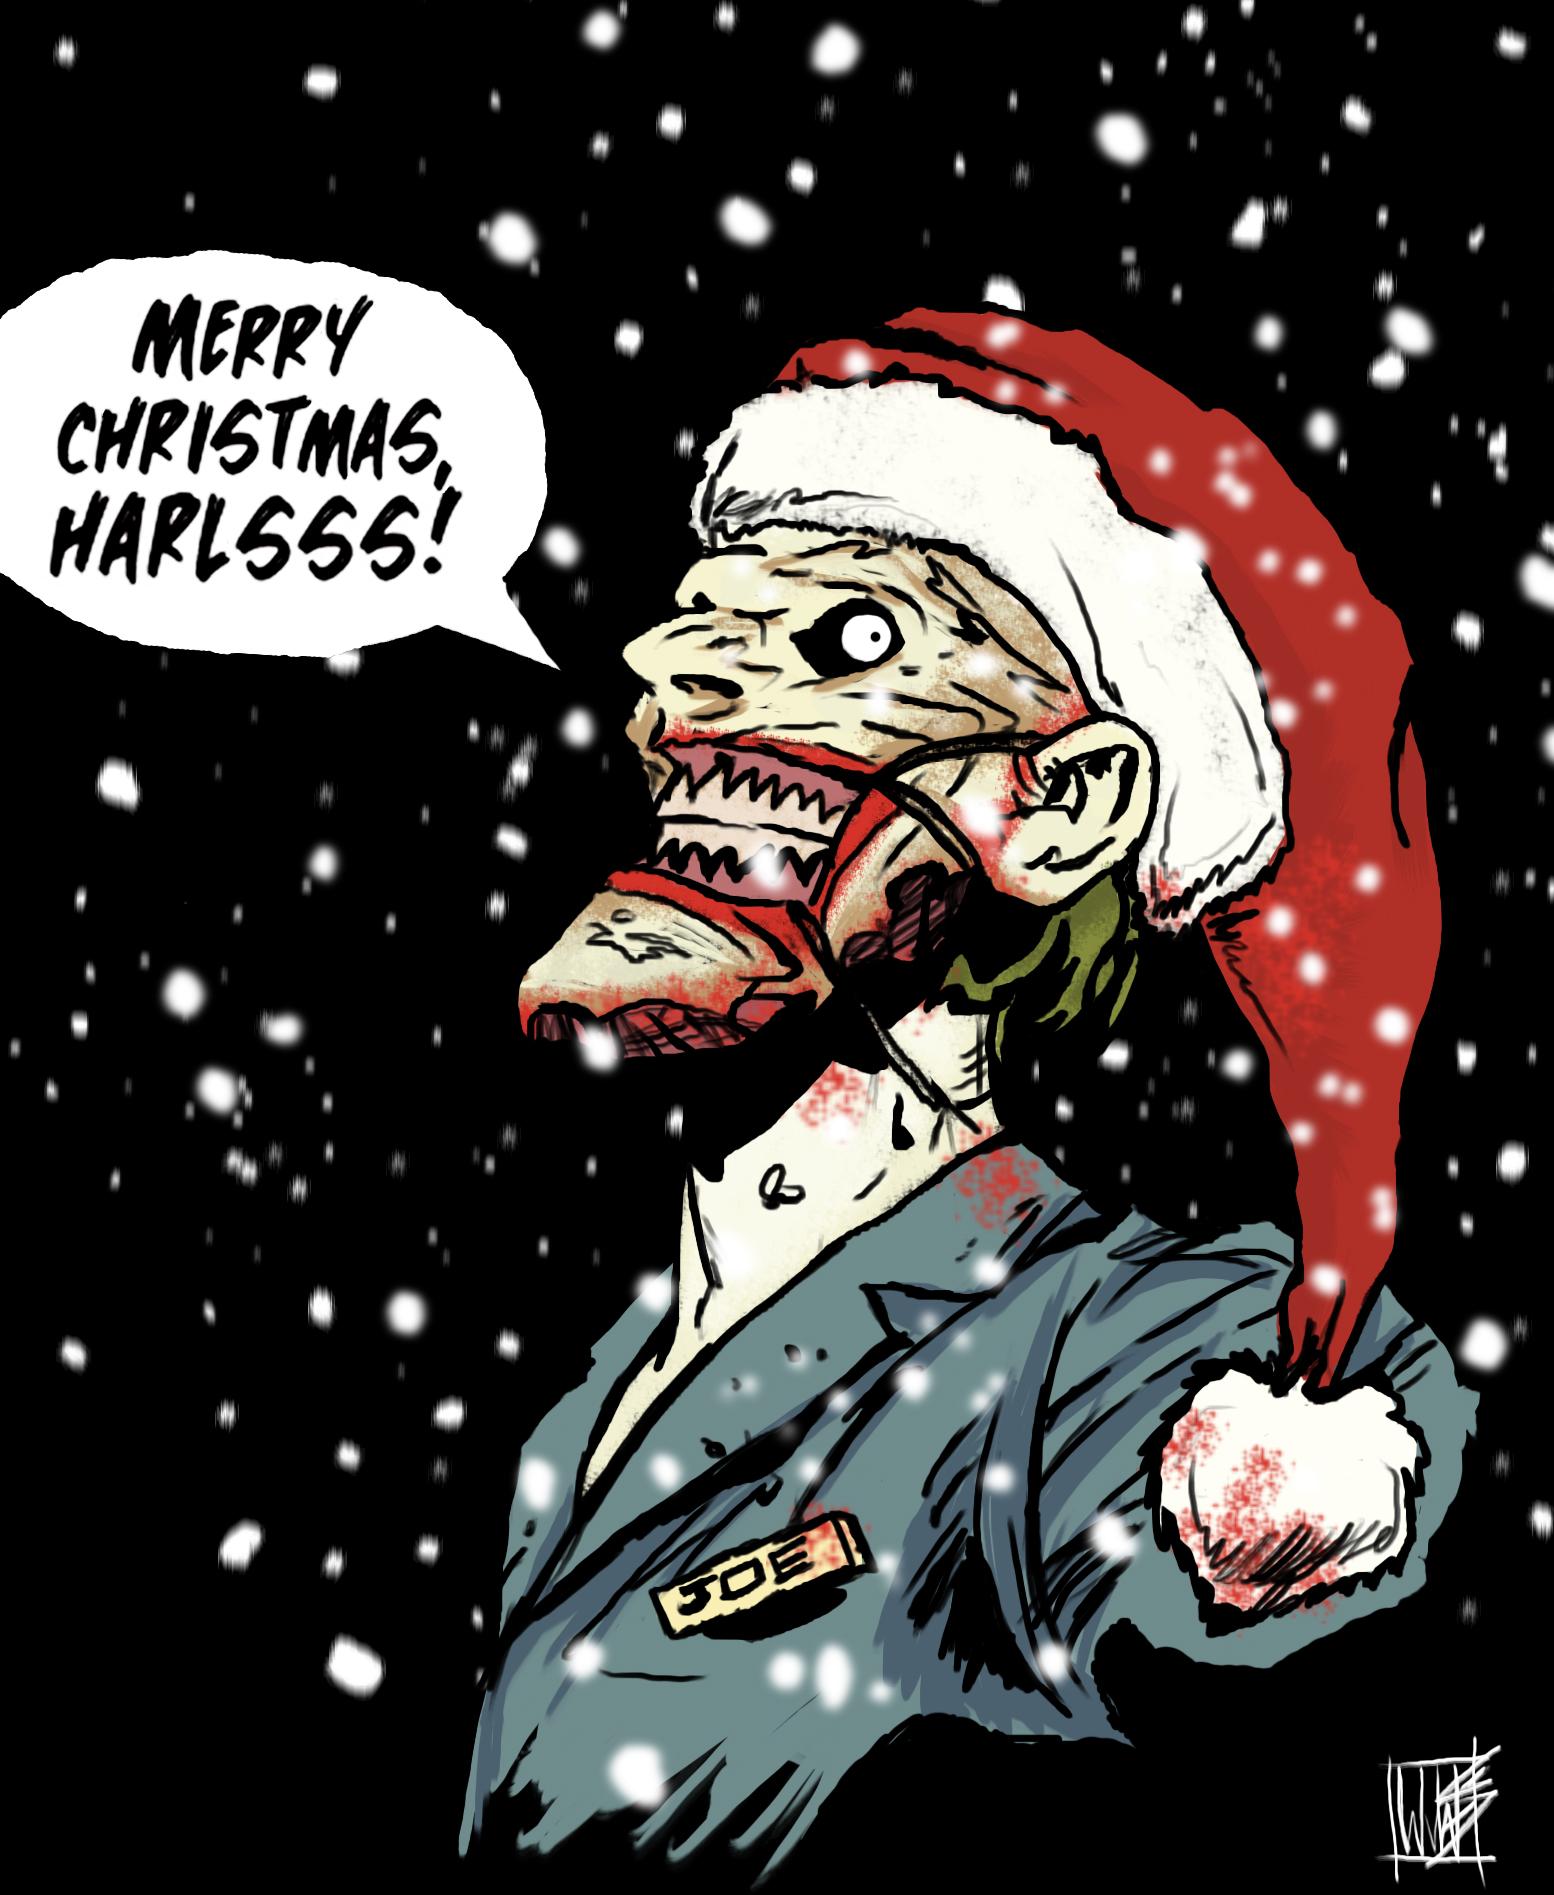 Joker Christmas.Merry Christmas From The New 52 Joker By Novembermilk On